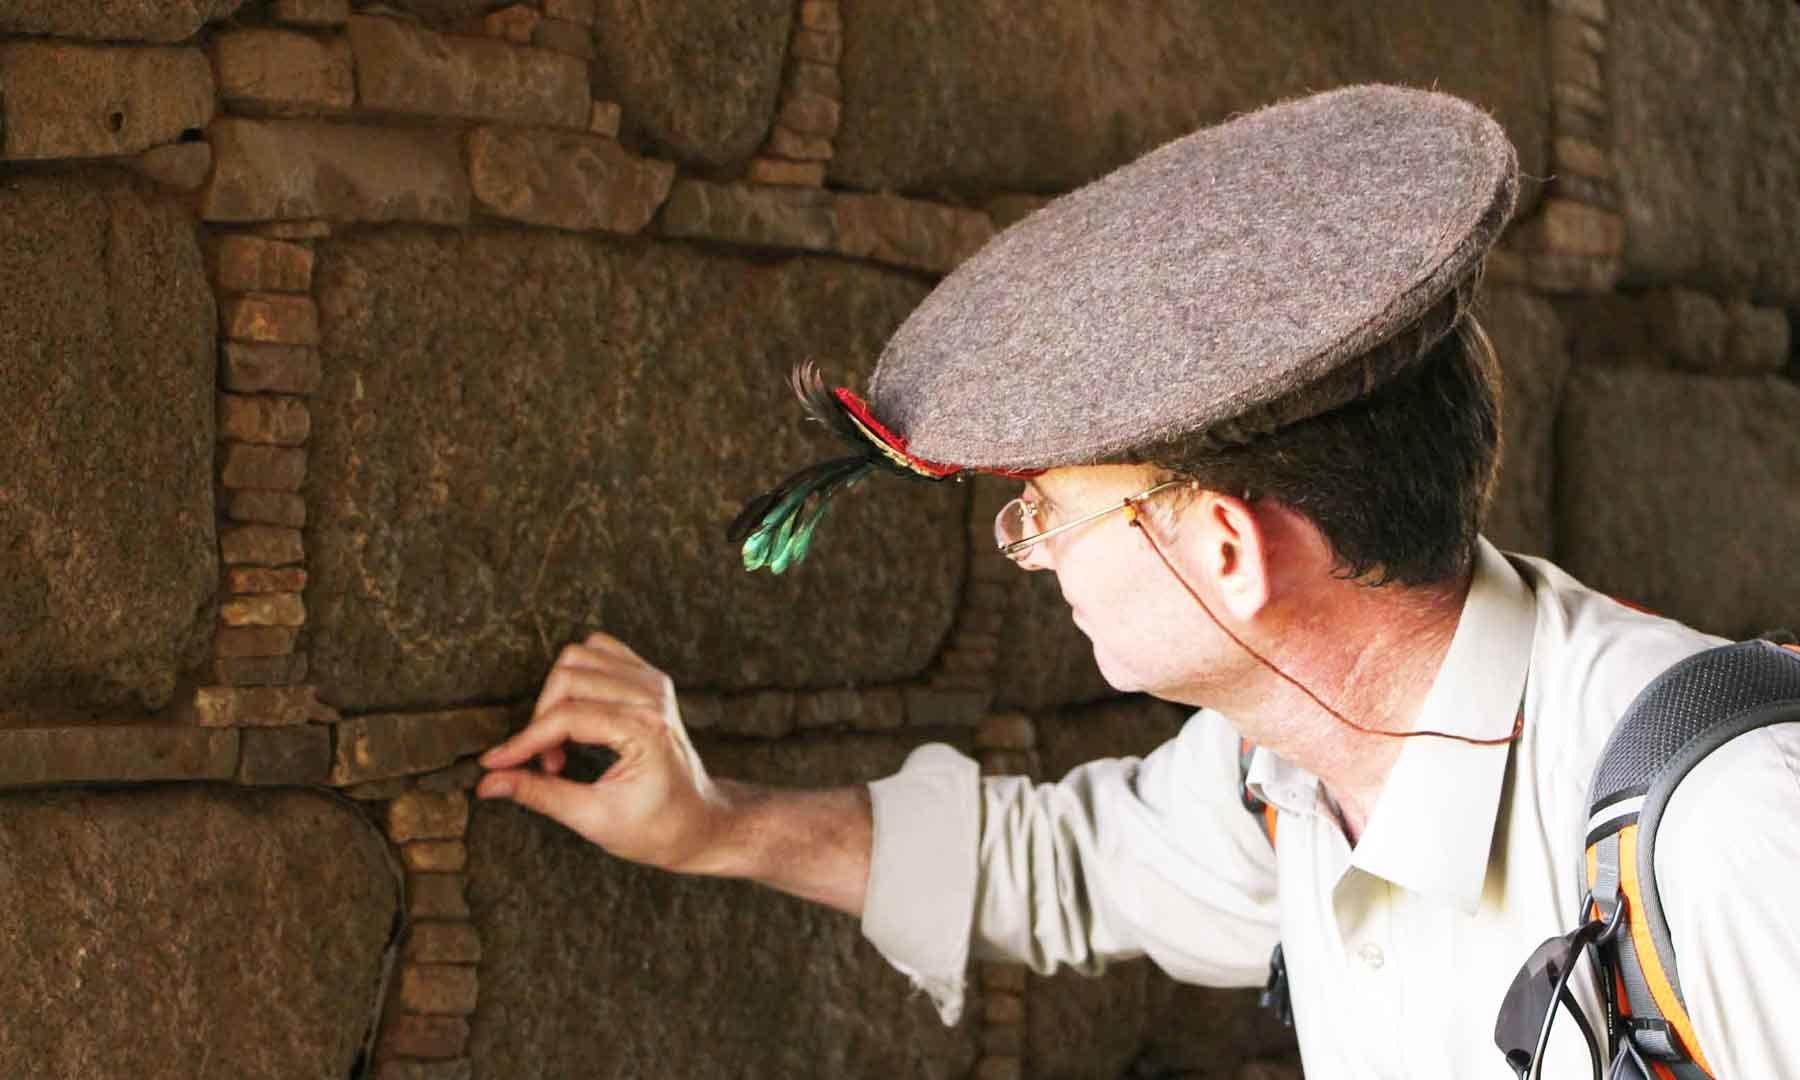 ایک سیاح رانی کے محل کے اندر آثار کا جائزہ لے رہا ہے—تصویر امجد علی سحاب